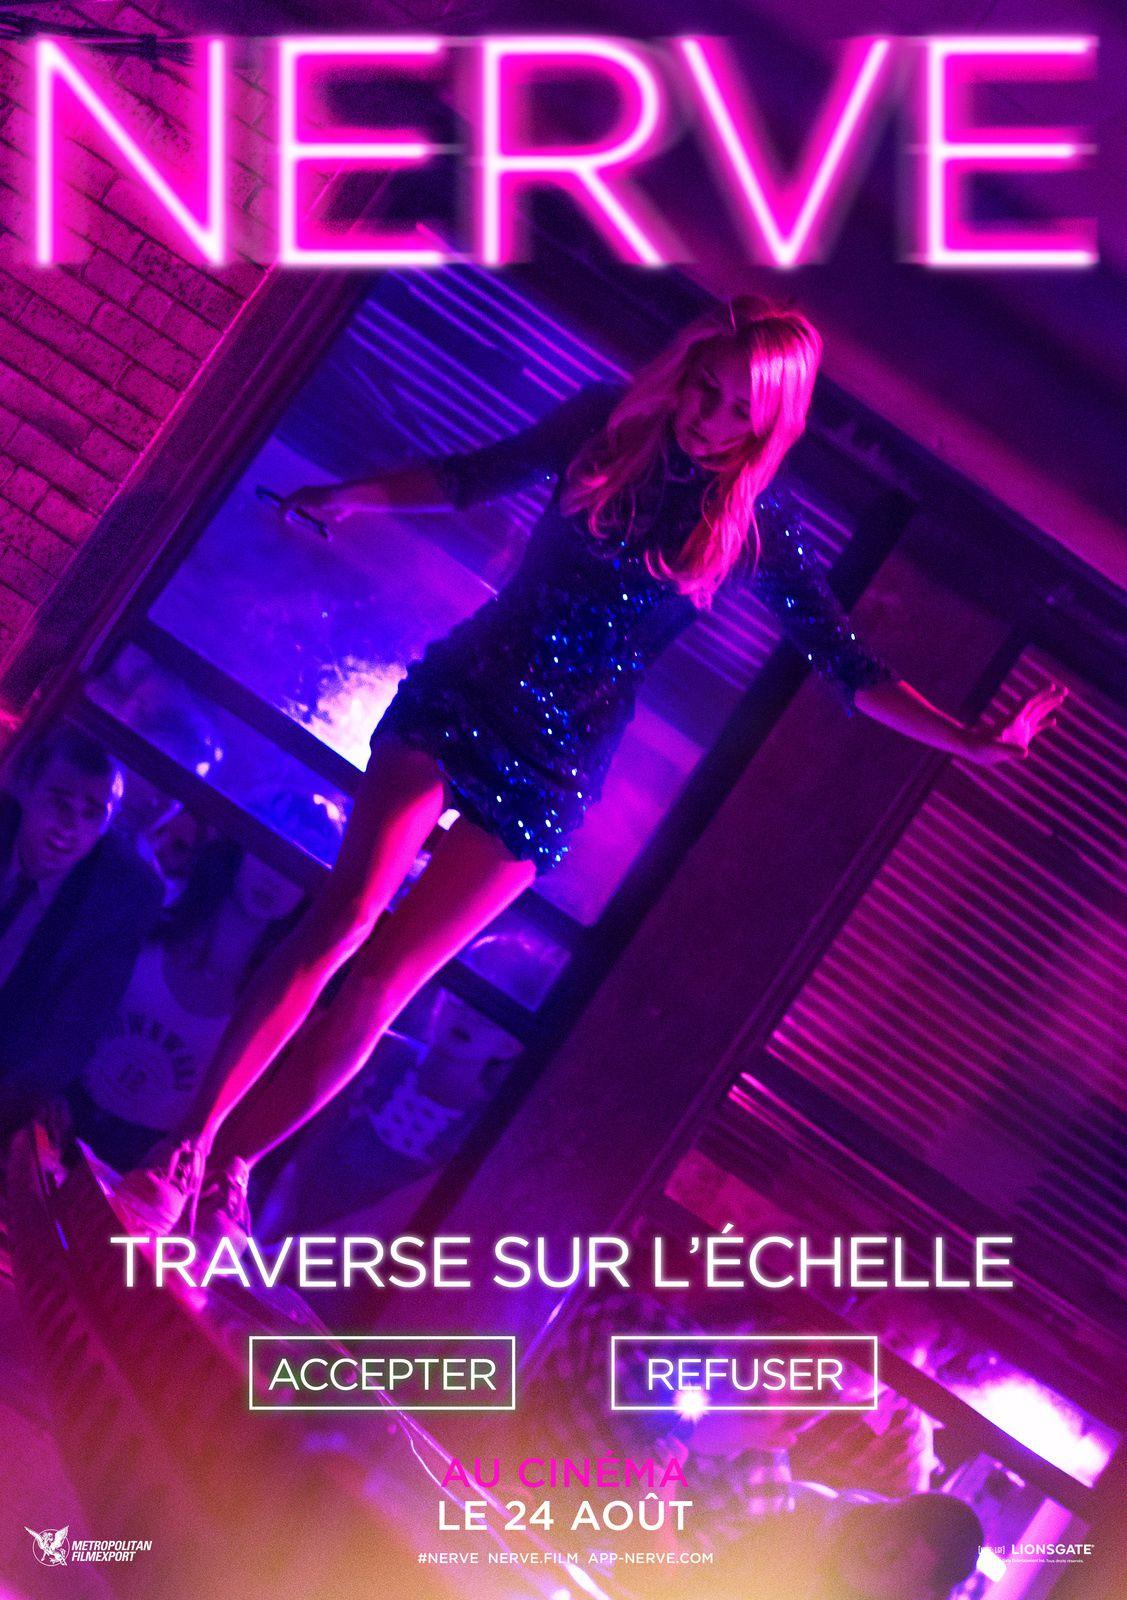 NERVE (BANDE ANNONCE VOST) avec Emma Roberts, Dave Franco, Juliette Lewis - Le 24 août 2016 au cinéma